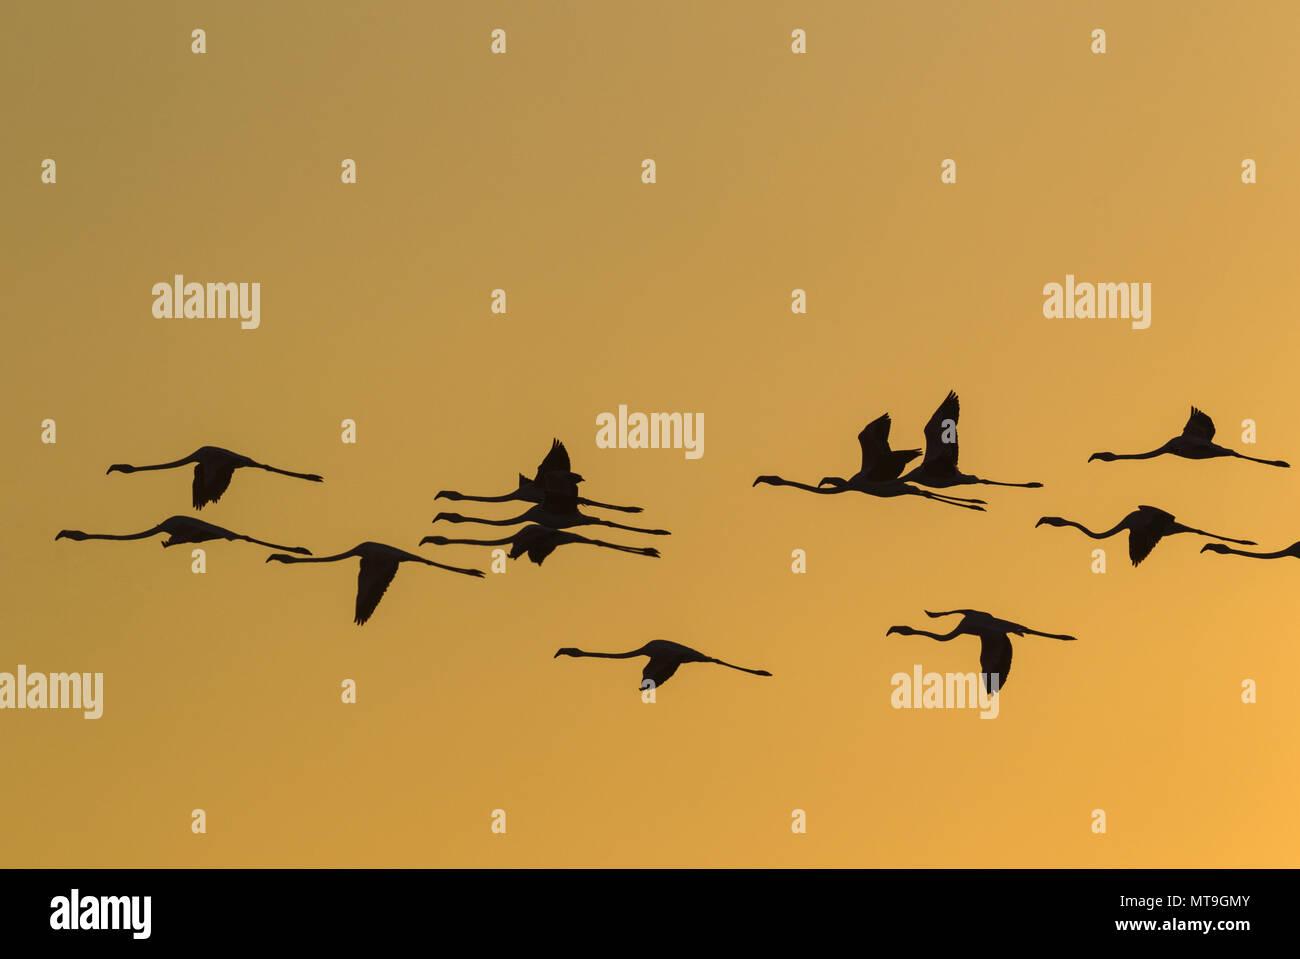 Fenicottero maggiore (Phoenicopterus roseus). Volare al tramonto presso la Laguna de Fuente de Piedra vicino alla città di Antequera. Questo è il più grande lago naturale in Andalusia e in Europa è solo la navigazione terreno fertile per questa specie. Provincia di Malaga, Andalusia, Spagna. Foto Stock